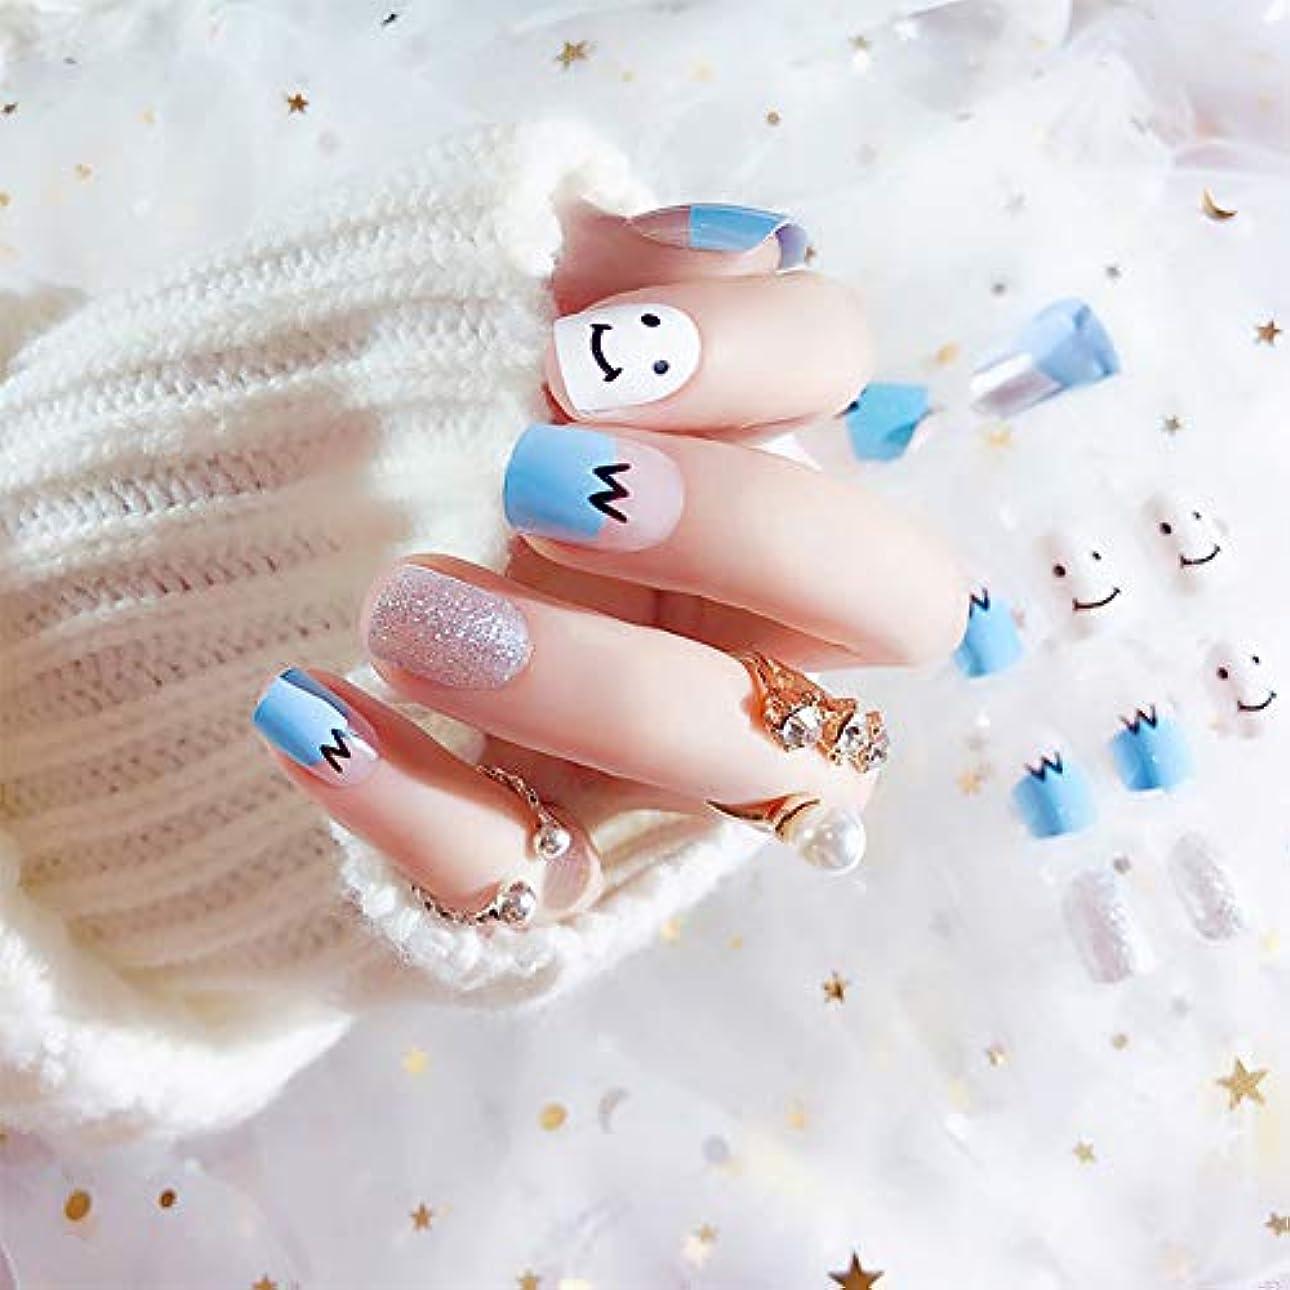 前売クライアントうまくやる()XUTXZKA 24ピースネイルスマイリーショートネイルアートのヒント女性のステッチカラー偽造爪